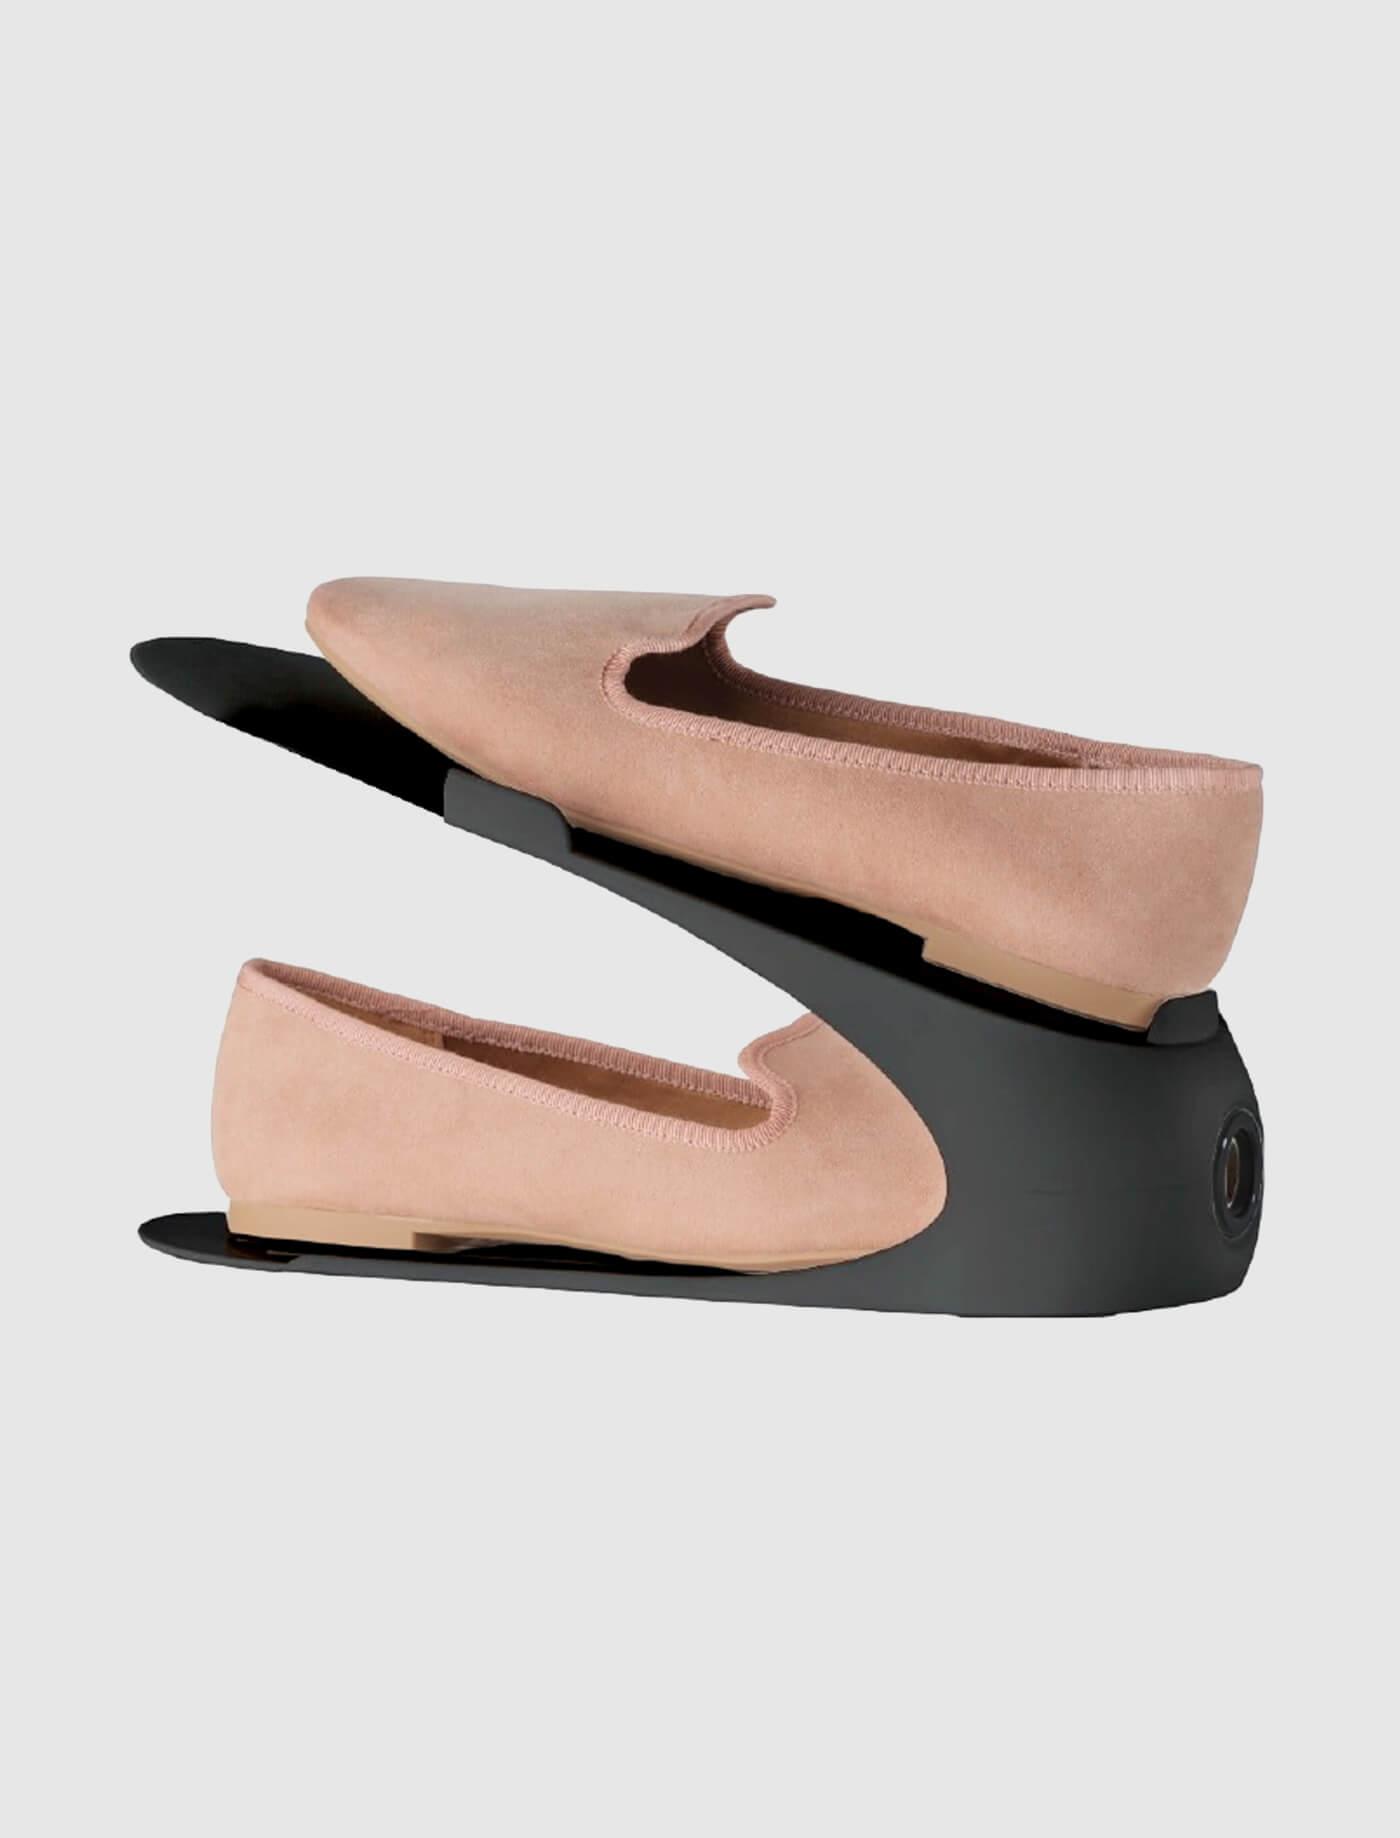 Organizator Pentru Pantofi